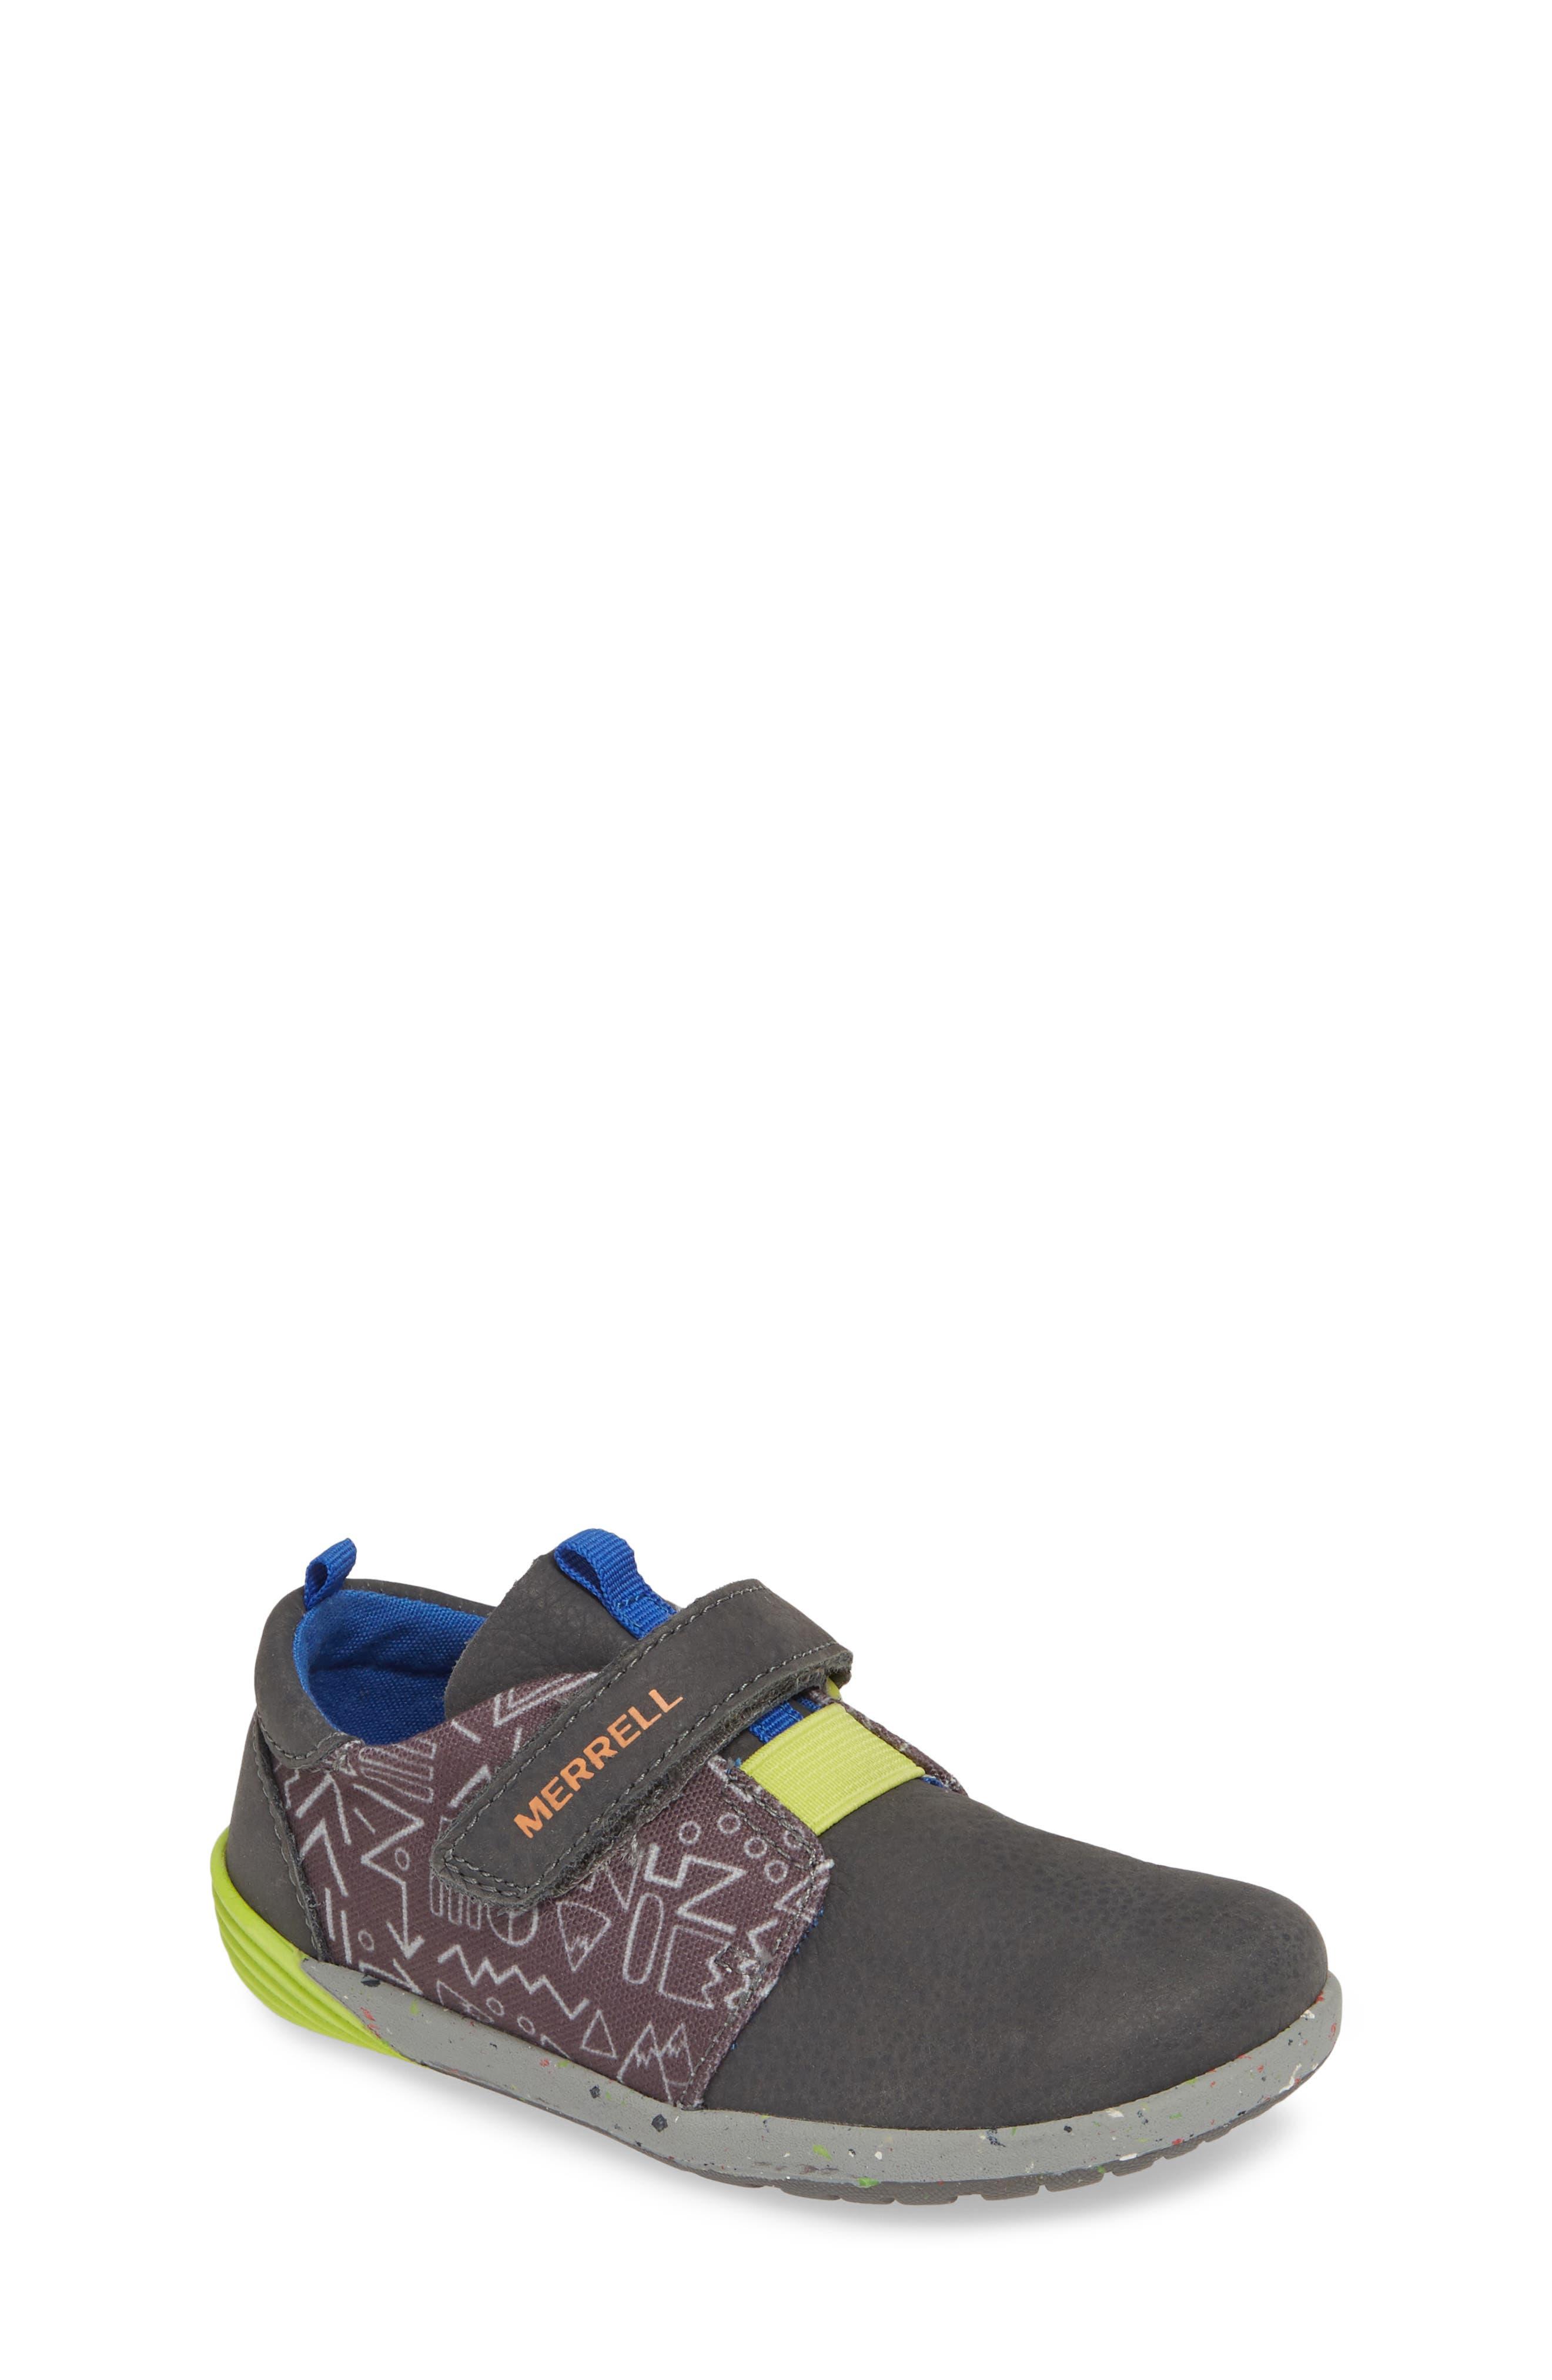 MERRELL Bare Steps Sneaker, Main, color, GREY